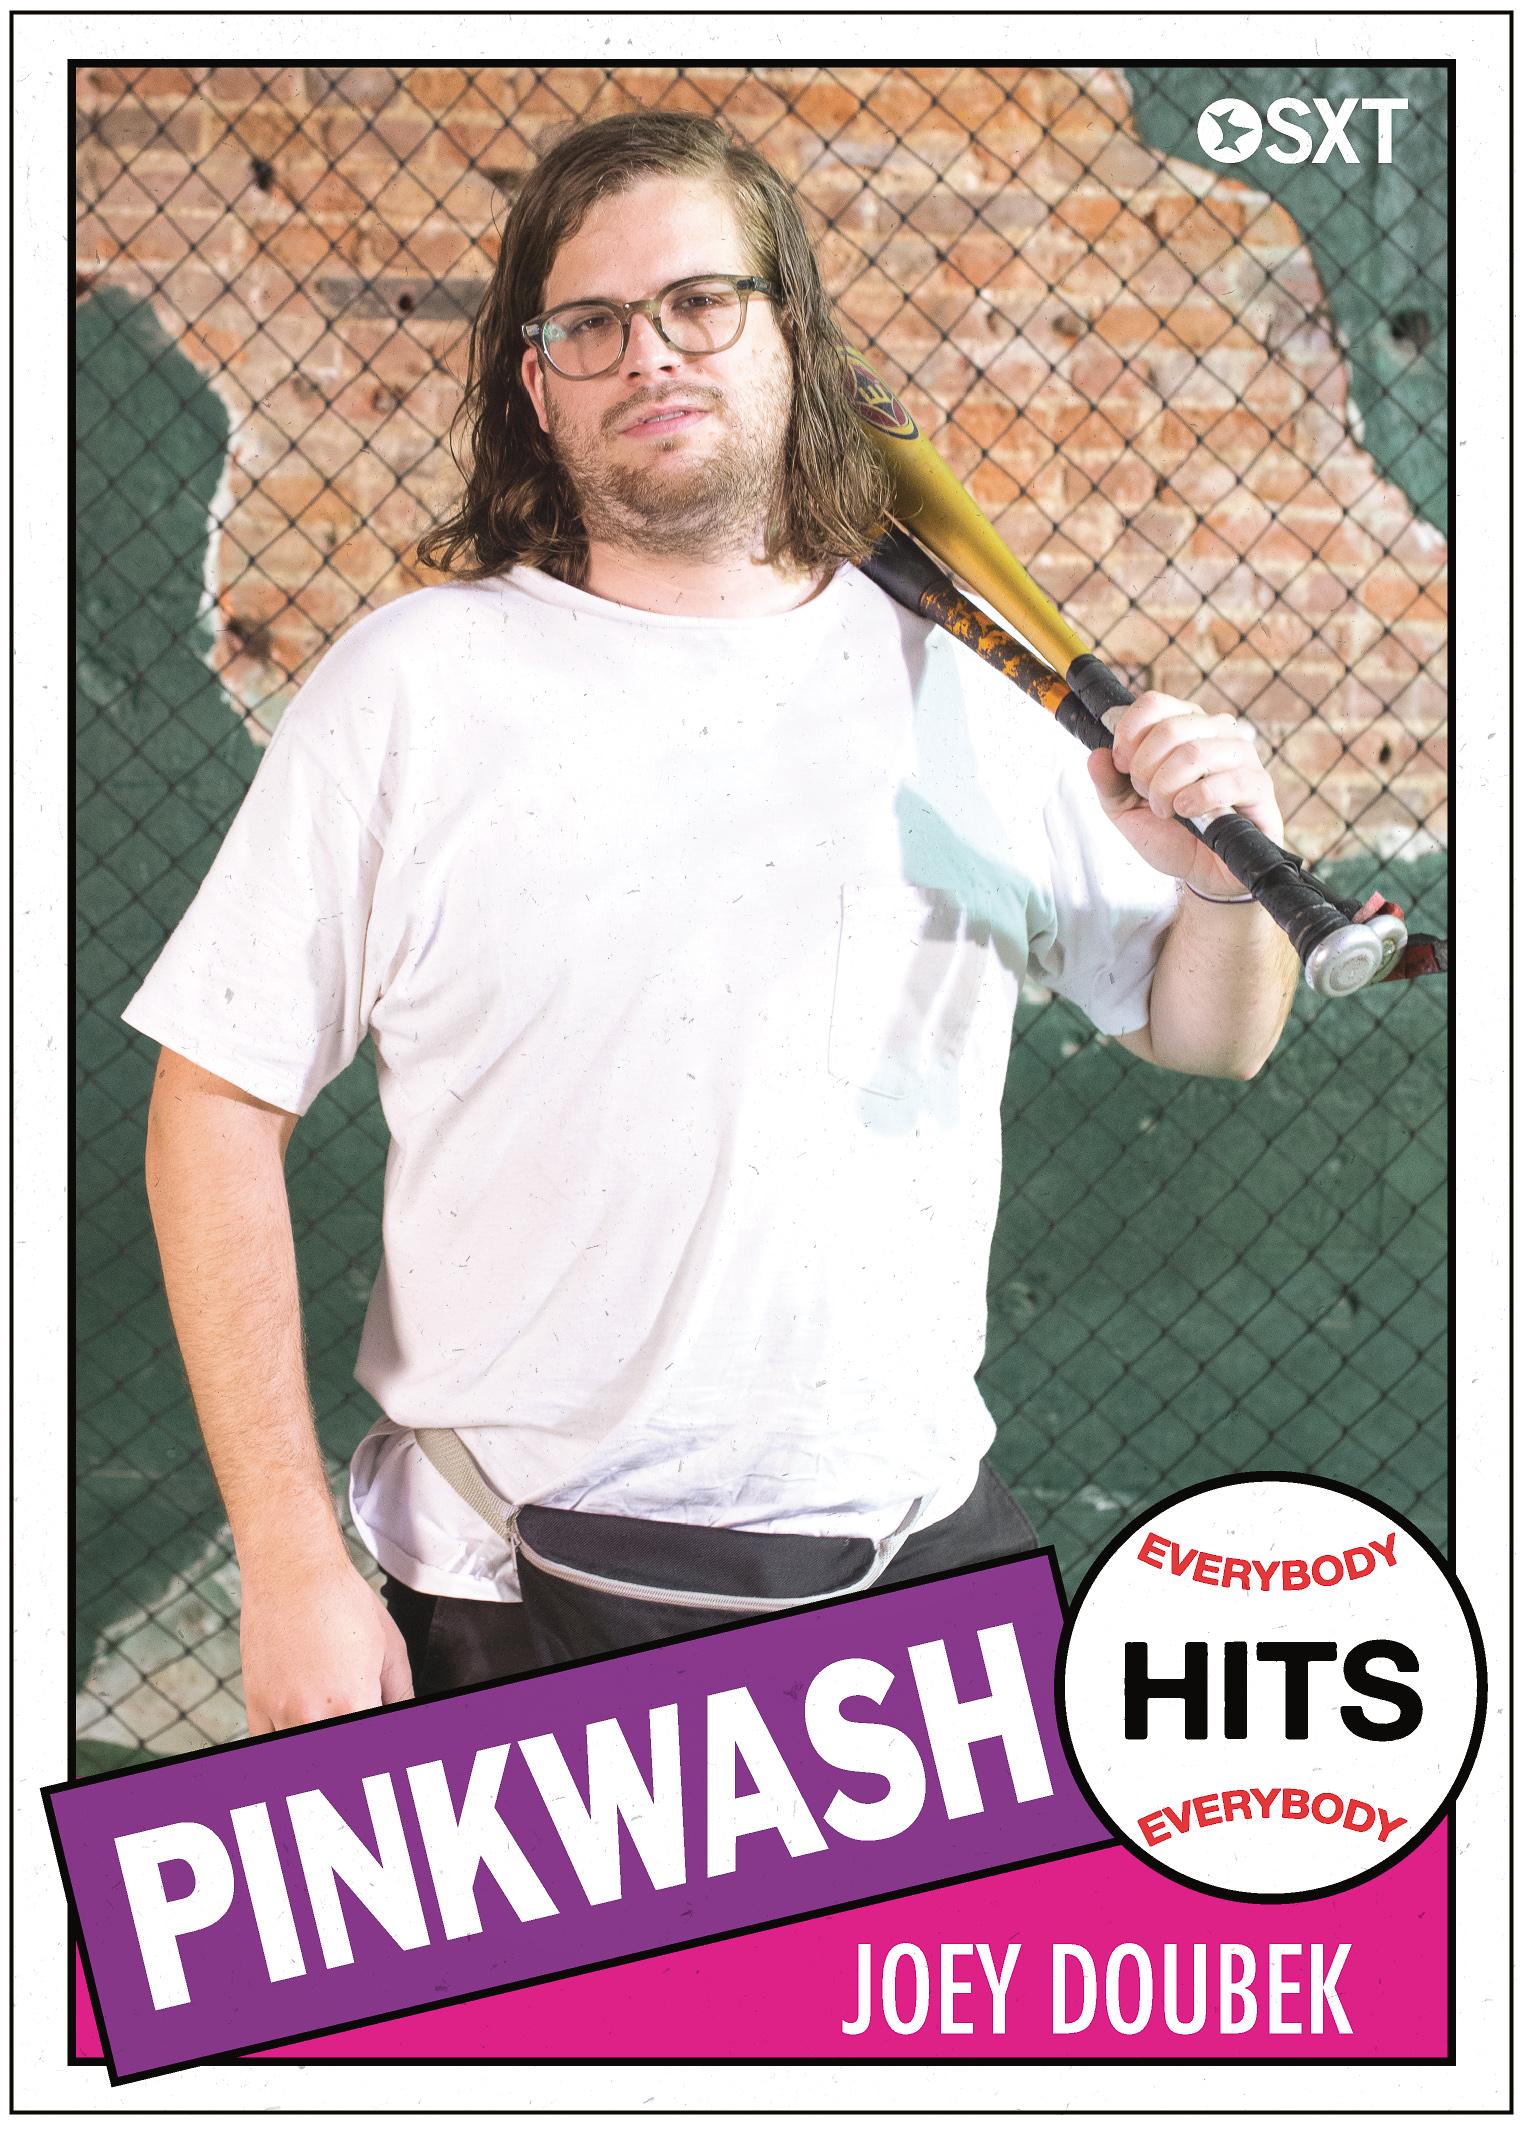 Joey Doubek of Pinkwash